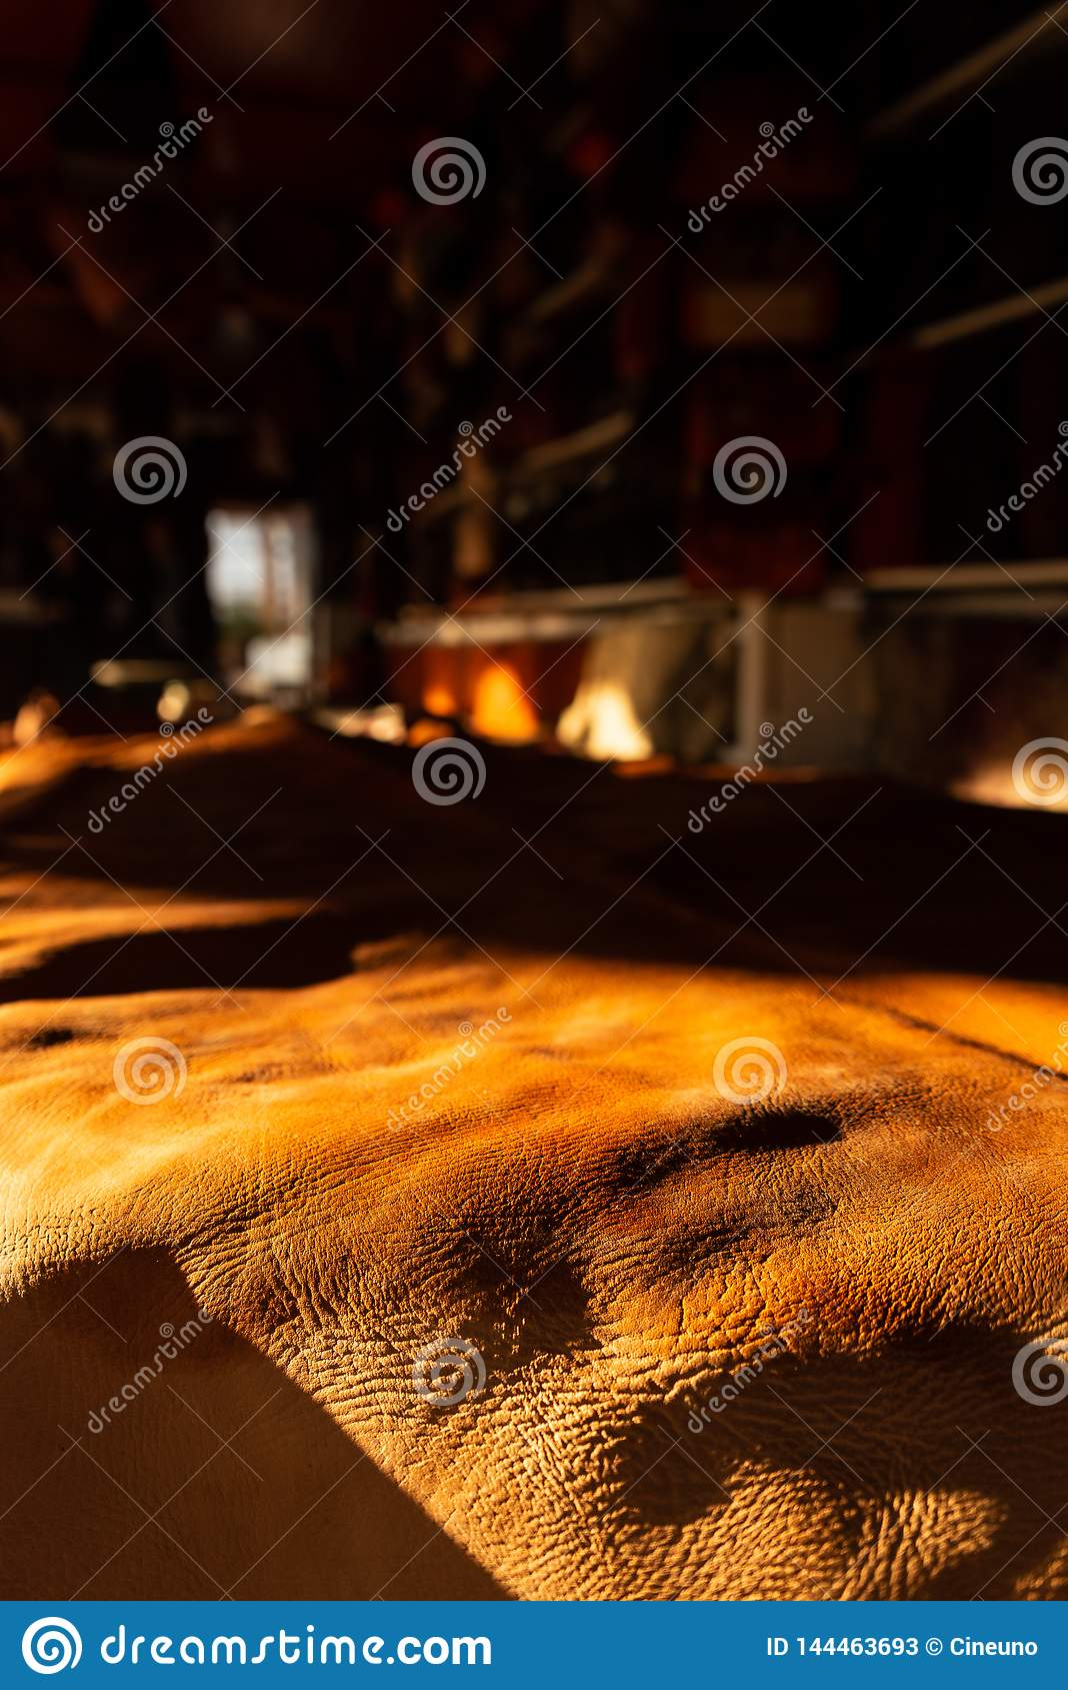 Frisch gebräuntes Leder, die Rauheit und die Beschaffenheit wird geschätzt